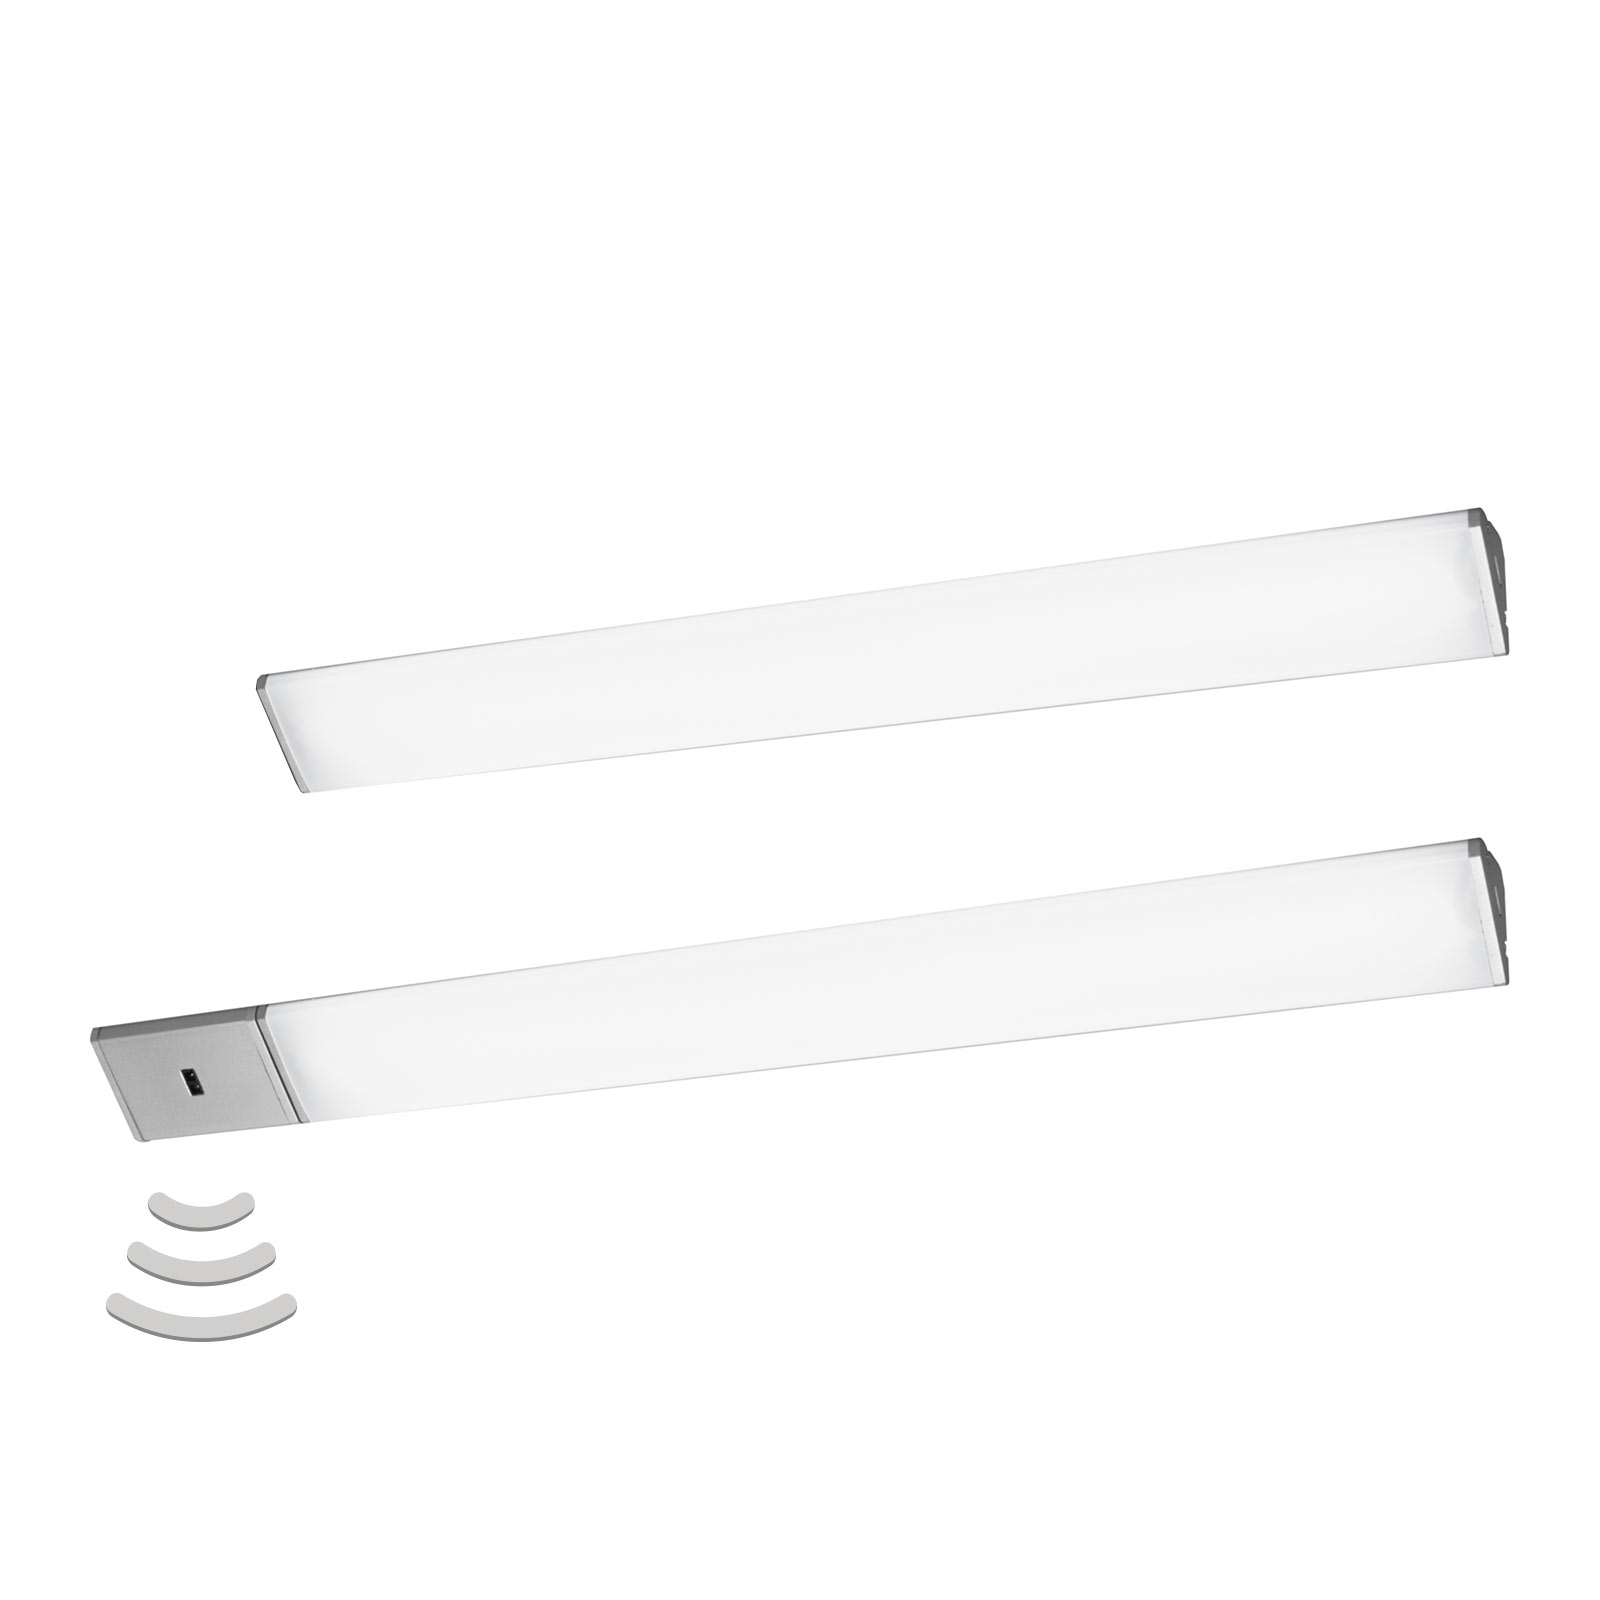 LEDVANCE Cabinet Corner benkarmatur 35cm 2er